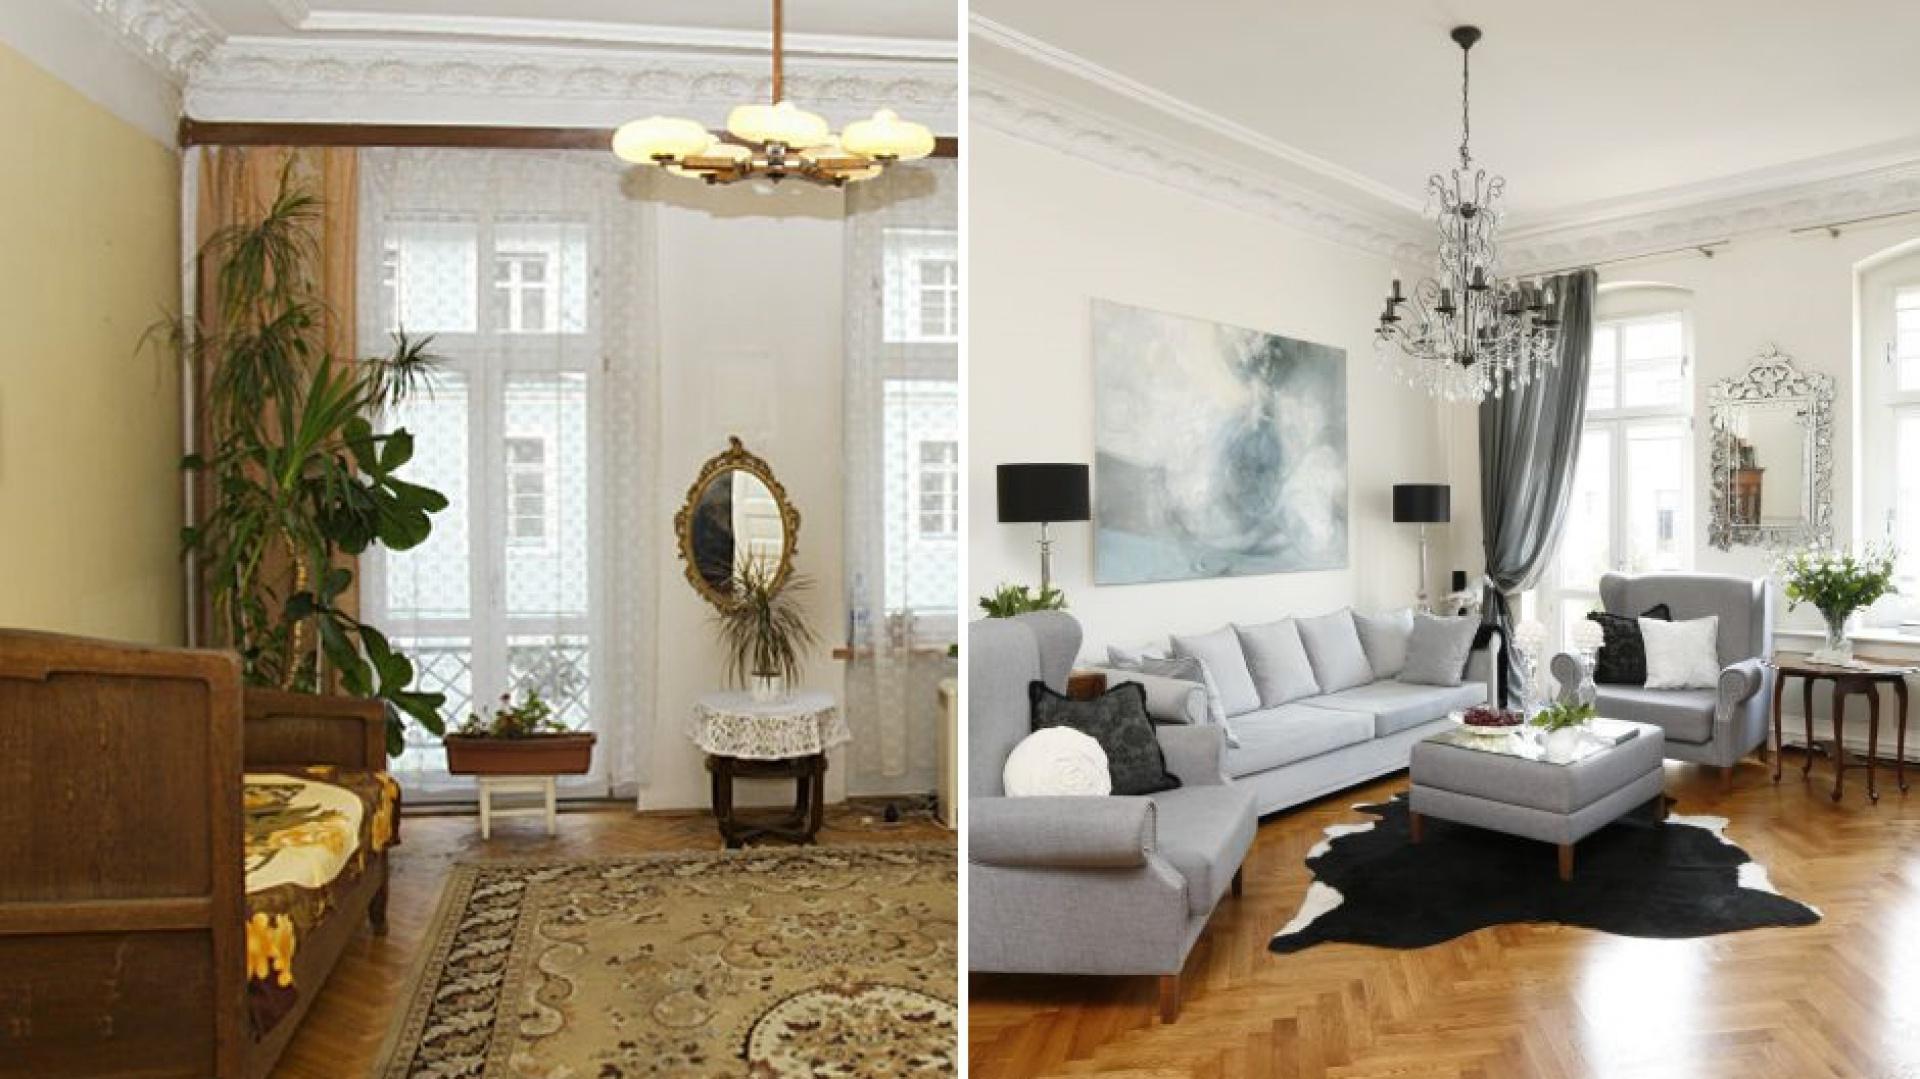 Salon przed remontem był ciemny i przynębiający. Projektant Iwona Kurkowska zobaczyła w nim potencjał na nowoczesne wnętrze w klasycznym stylu. Fot. Iwona Kurkowsa/Fot. Bartosz Jarosz